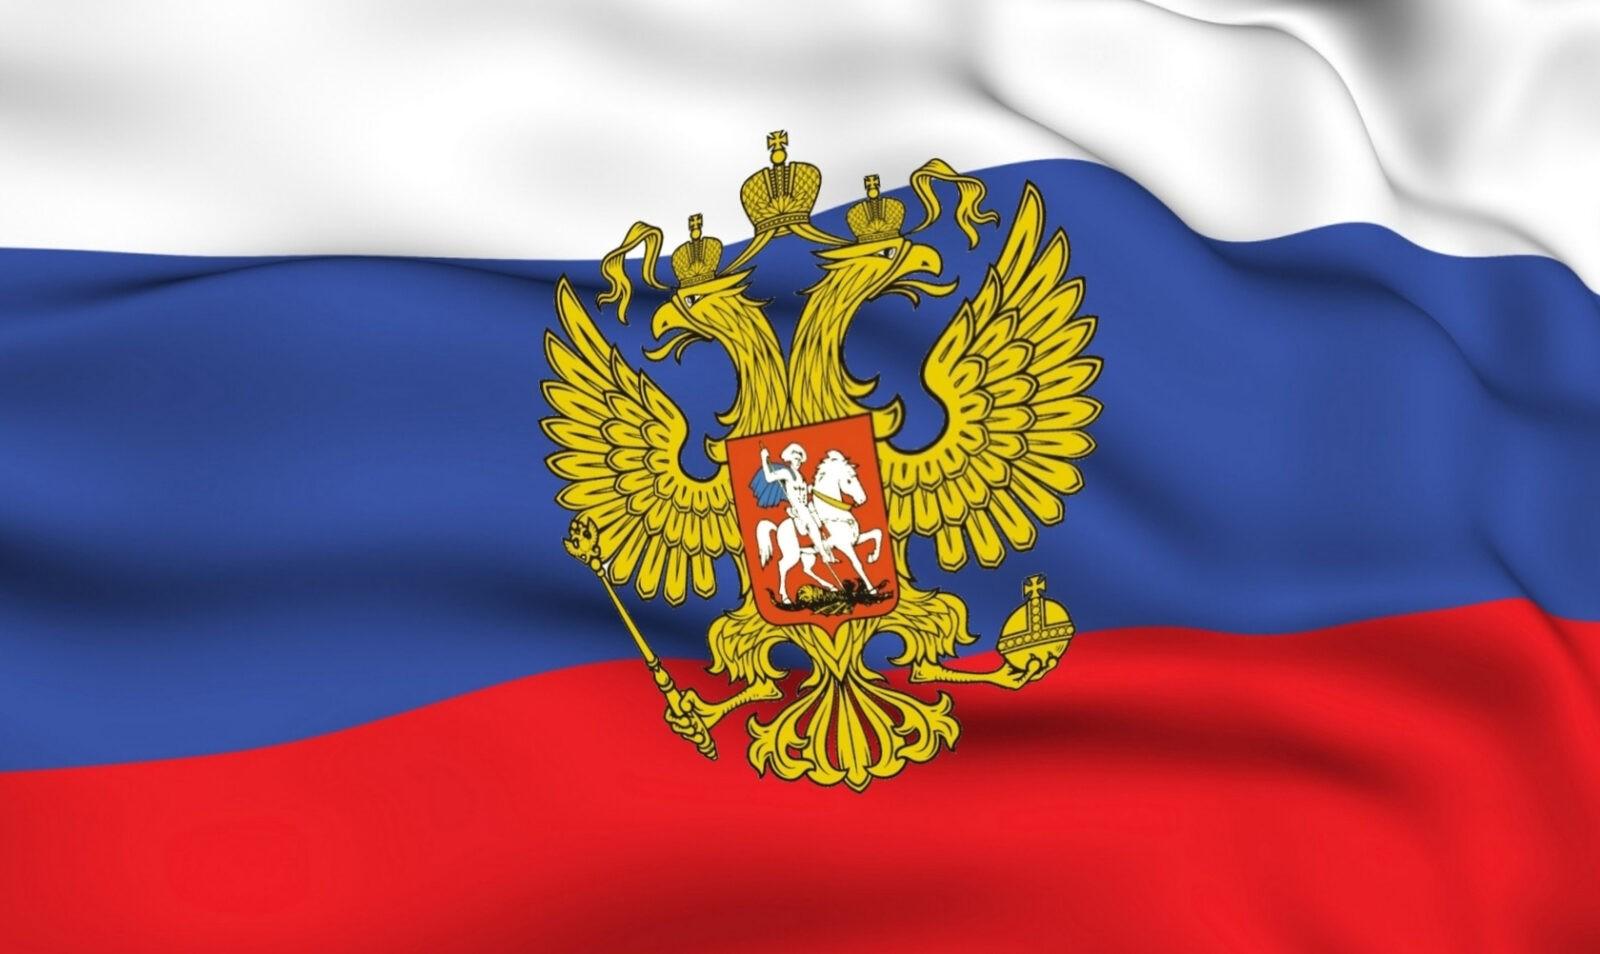 Посольство РФ: антироссийские штампы и давление не помогут урегулировать кризис на Украине